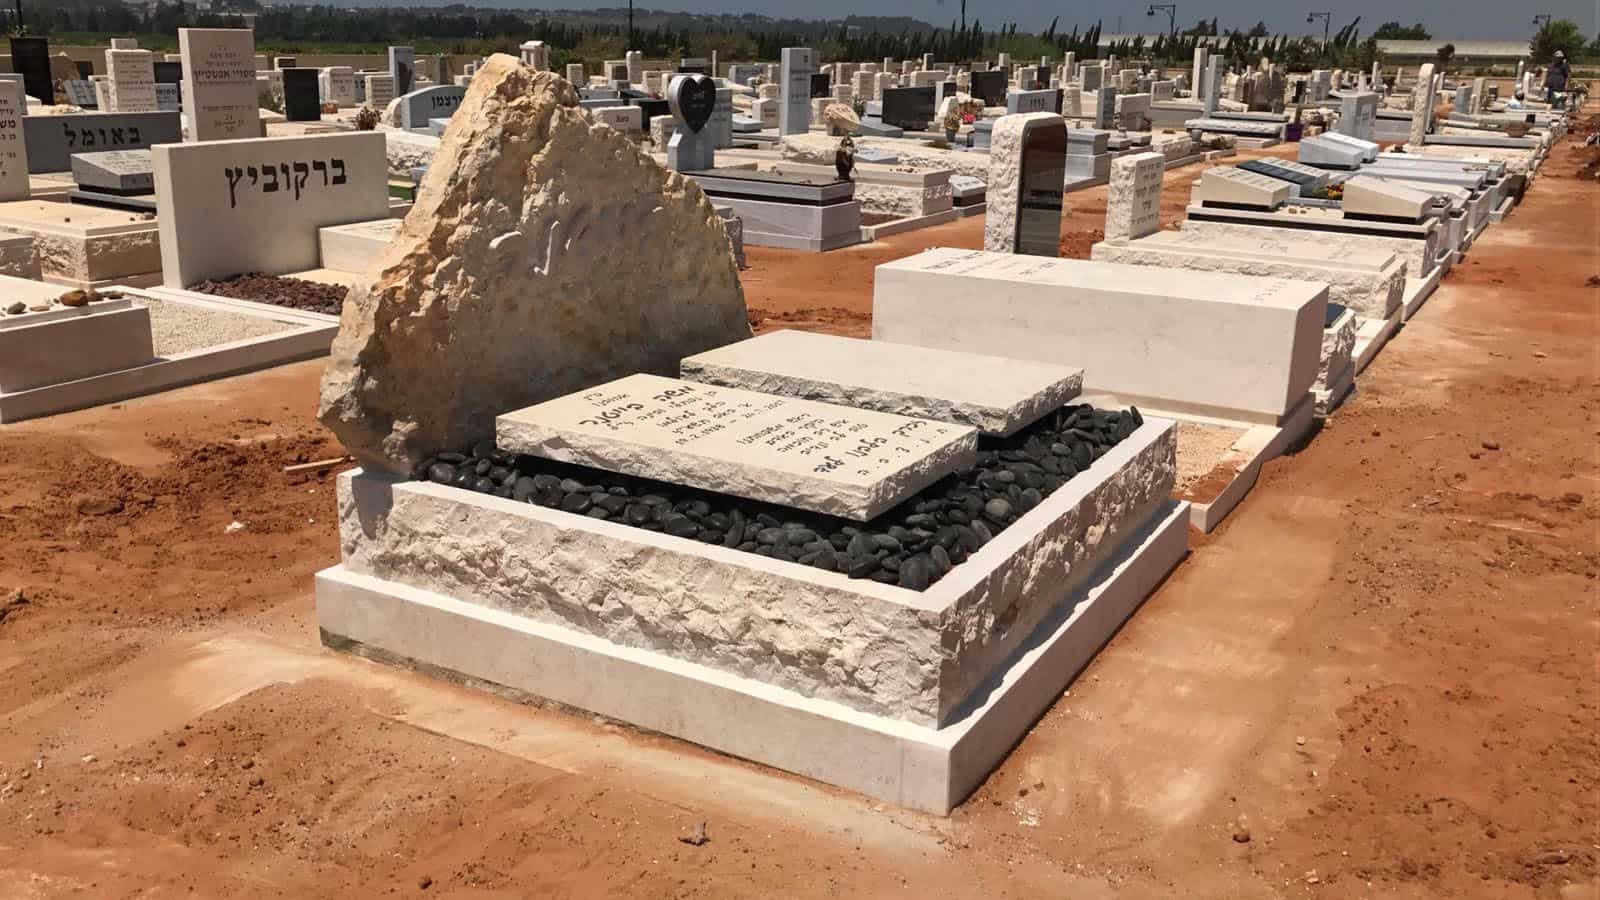 עיצוב וייצור מצבות מאבן ושיש - מצבות ישראל - בהנהלת אבני ערד